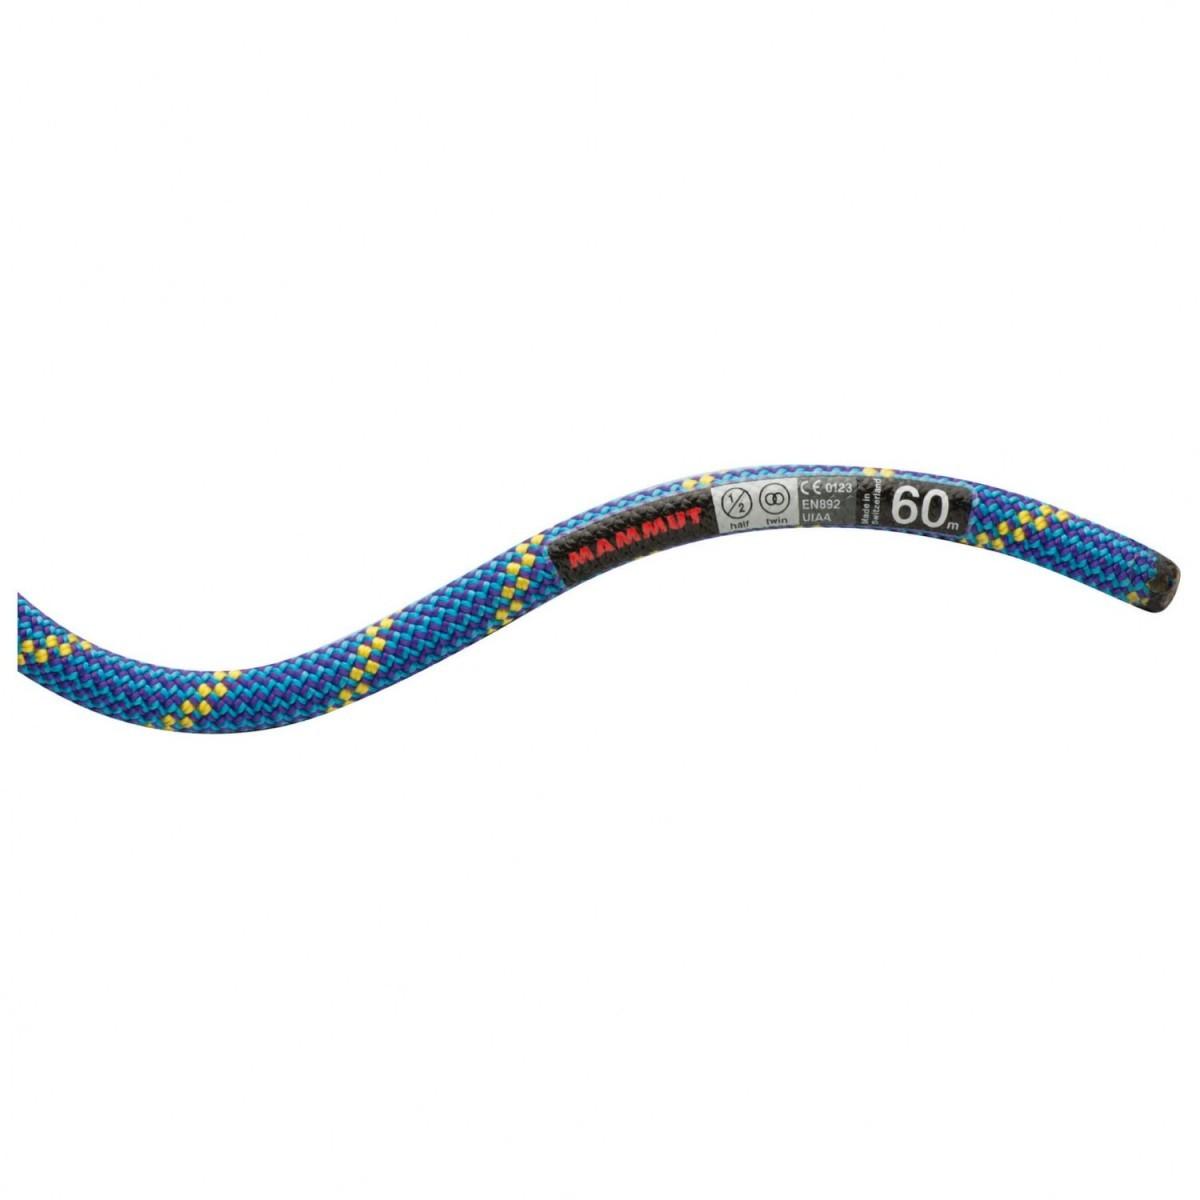 マムート 8.0 Phoenix Dry (50m - Blue)★ロープ・ザイル・登山・クライミング★